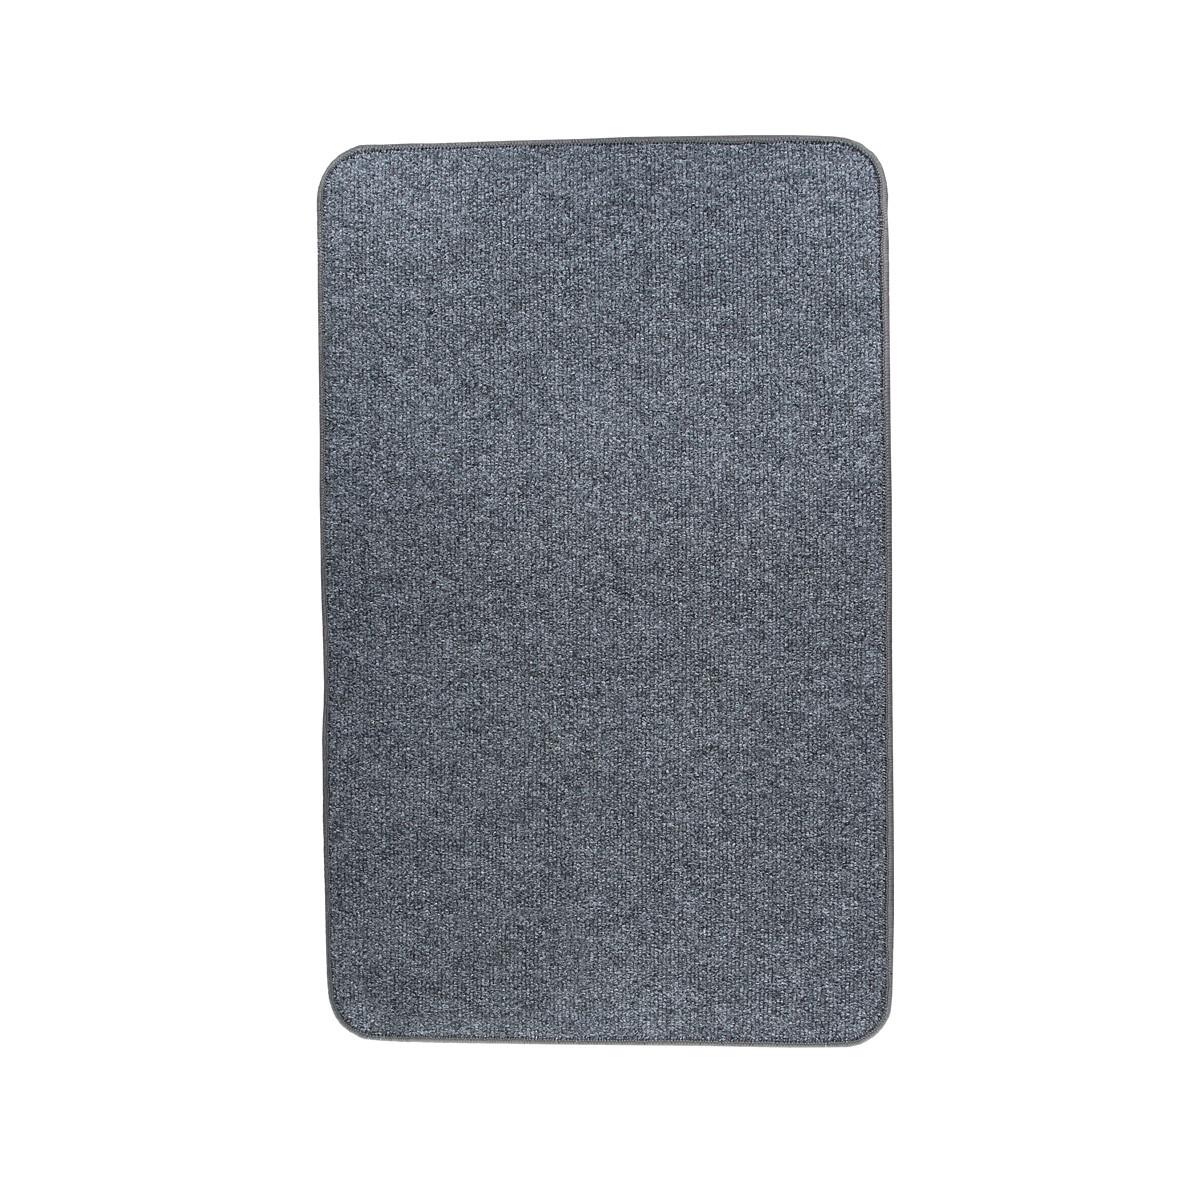 Электрический коврик с подогревом Теплик с термоизоляцией 50 х 100 см Темно-серый (UA50100TG)